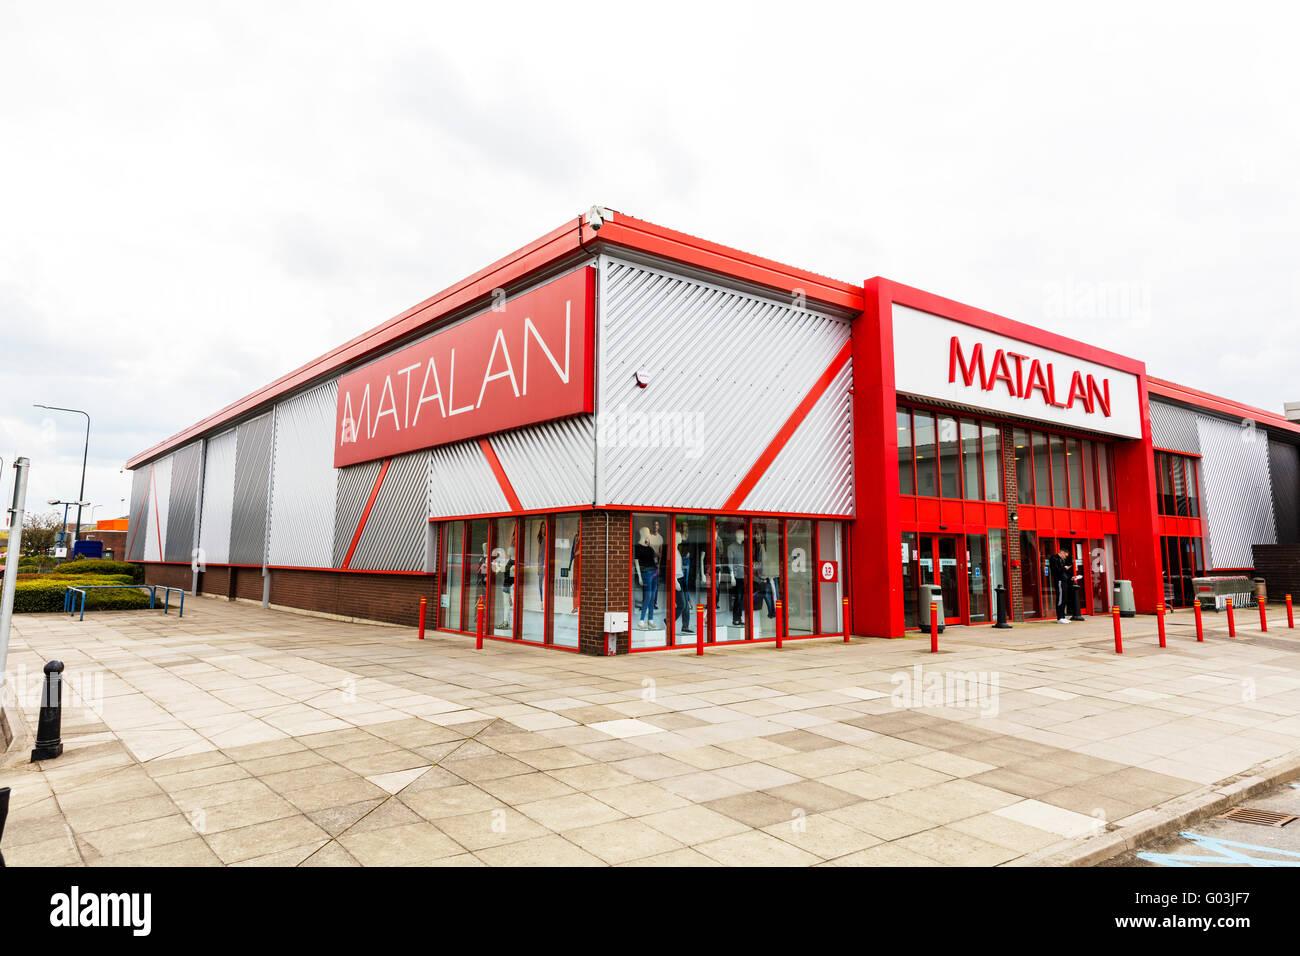 Matalan détaillant la boutique sign nom store logo extérieur UK Angleterre articles ménagers Magasins Photo Stock